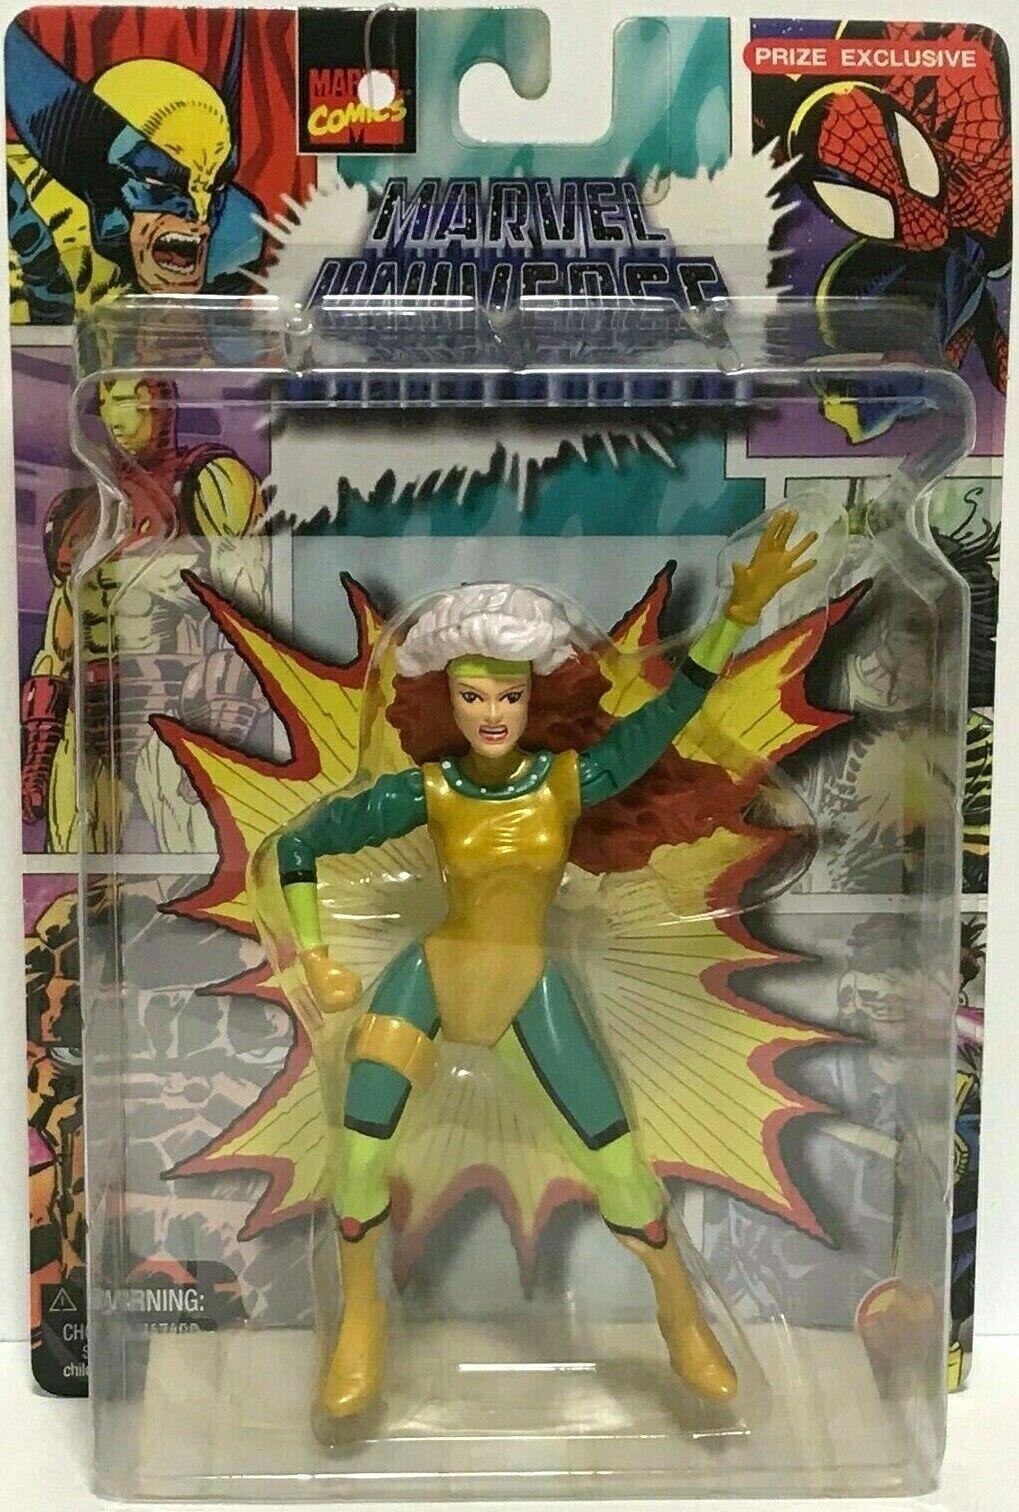 Marvel Universe Rogue figure Prize Exclusive vol.3 Toy biz JAPAN Authentic rare